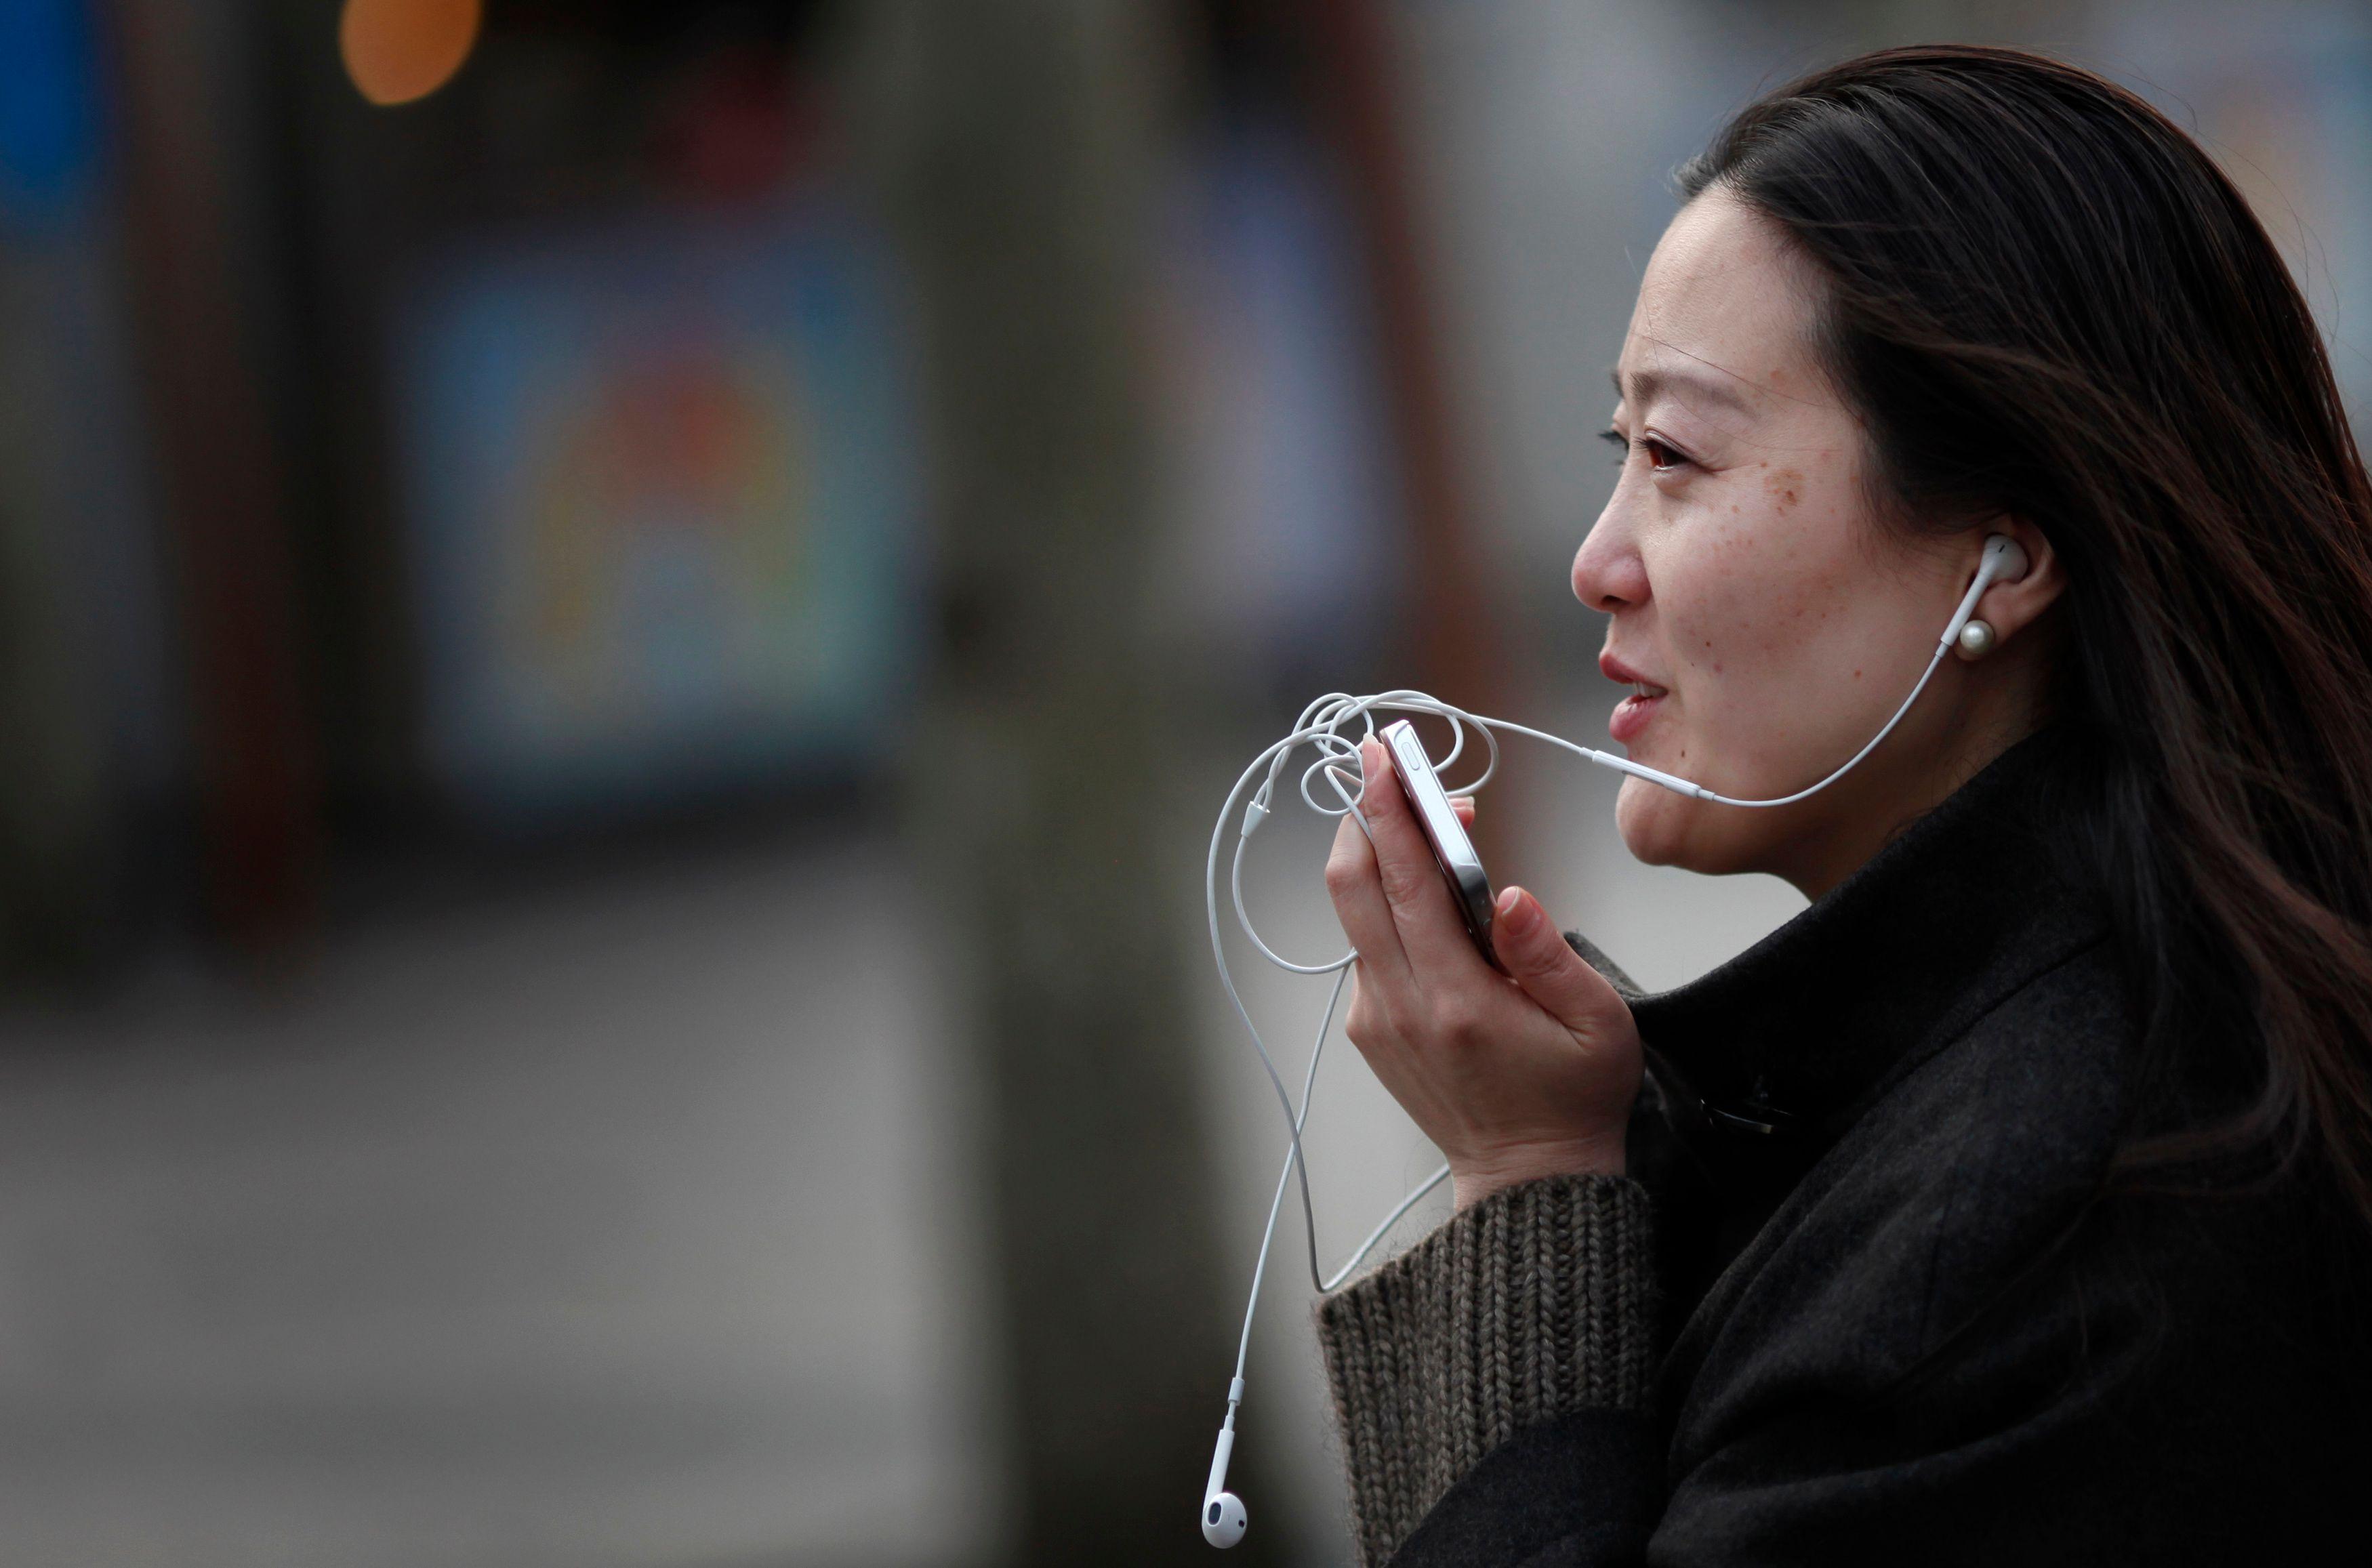 Le PDG d'Apple a écrit une lettre dans laquelle il s'excuse de ne pas traiter les clients chinois de l'iPhone de la même manière que ses autres clients.